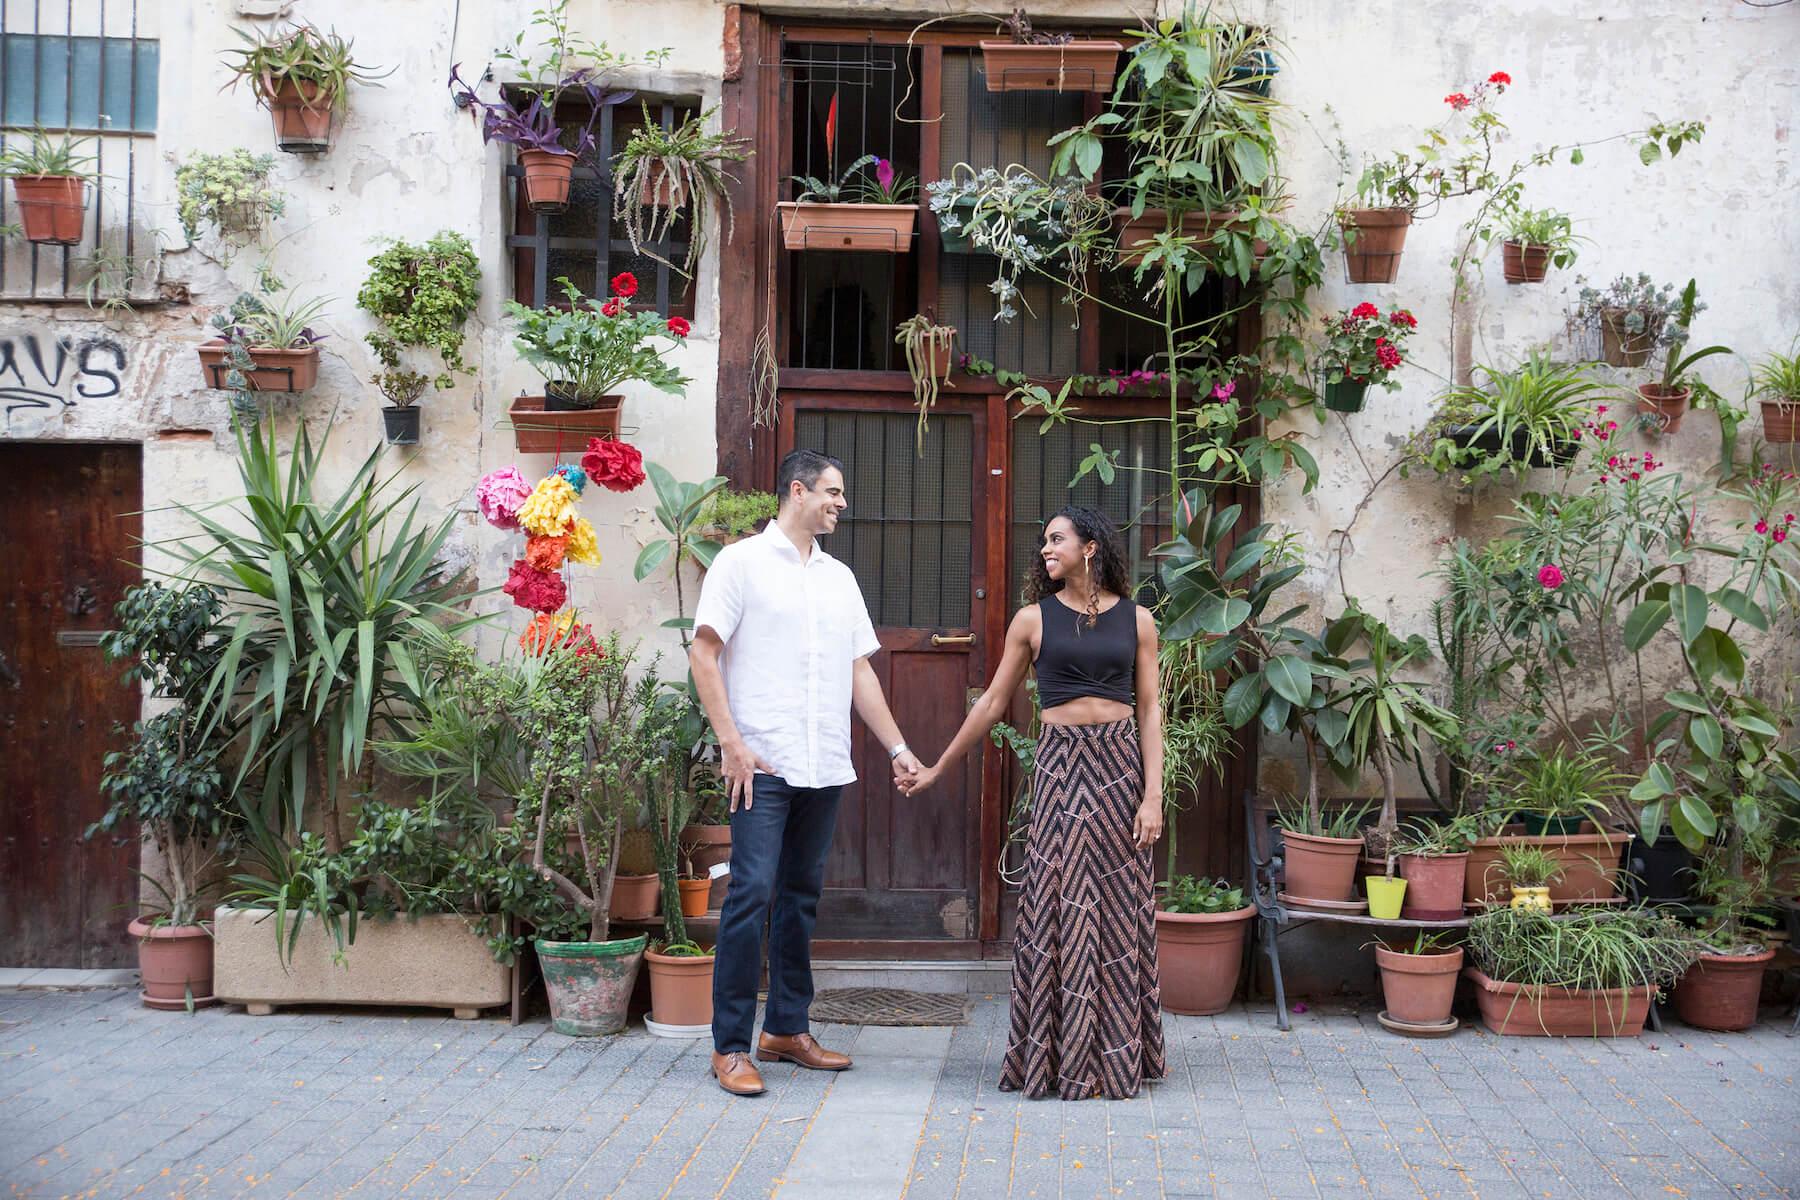 couples trip El Born district Barcelona, Spain